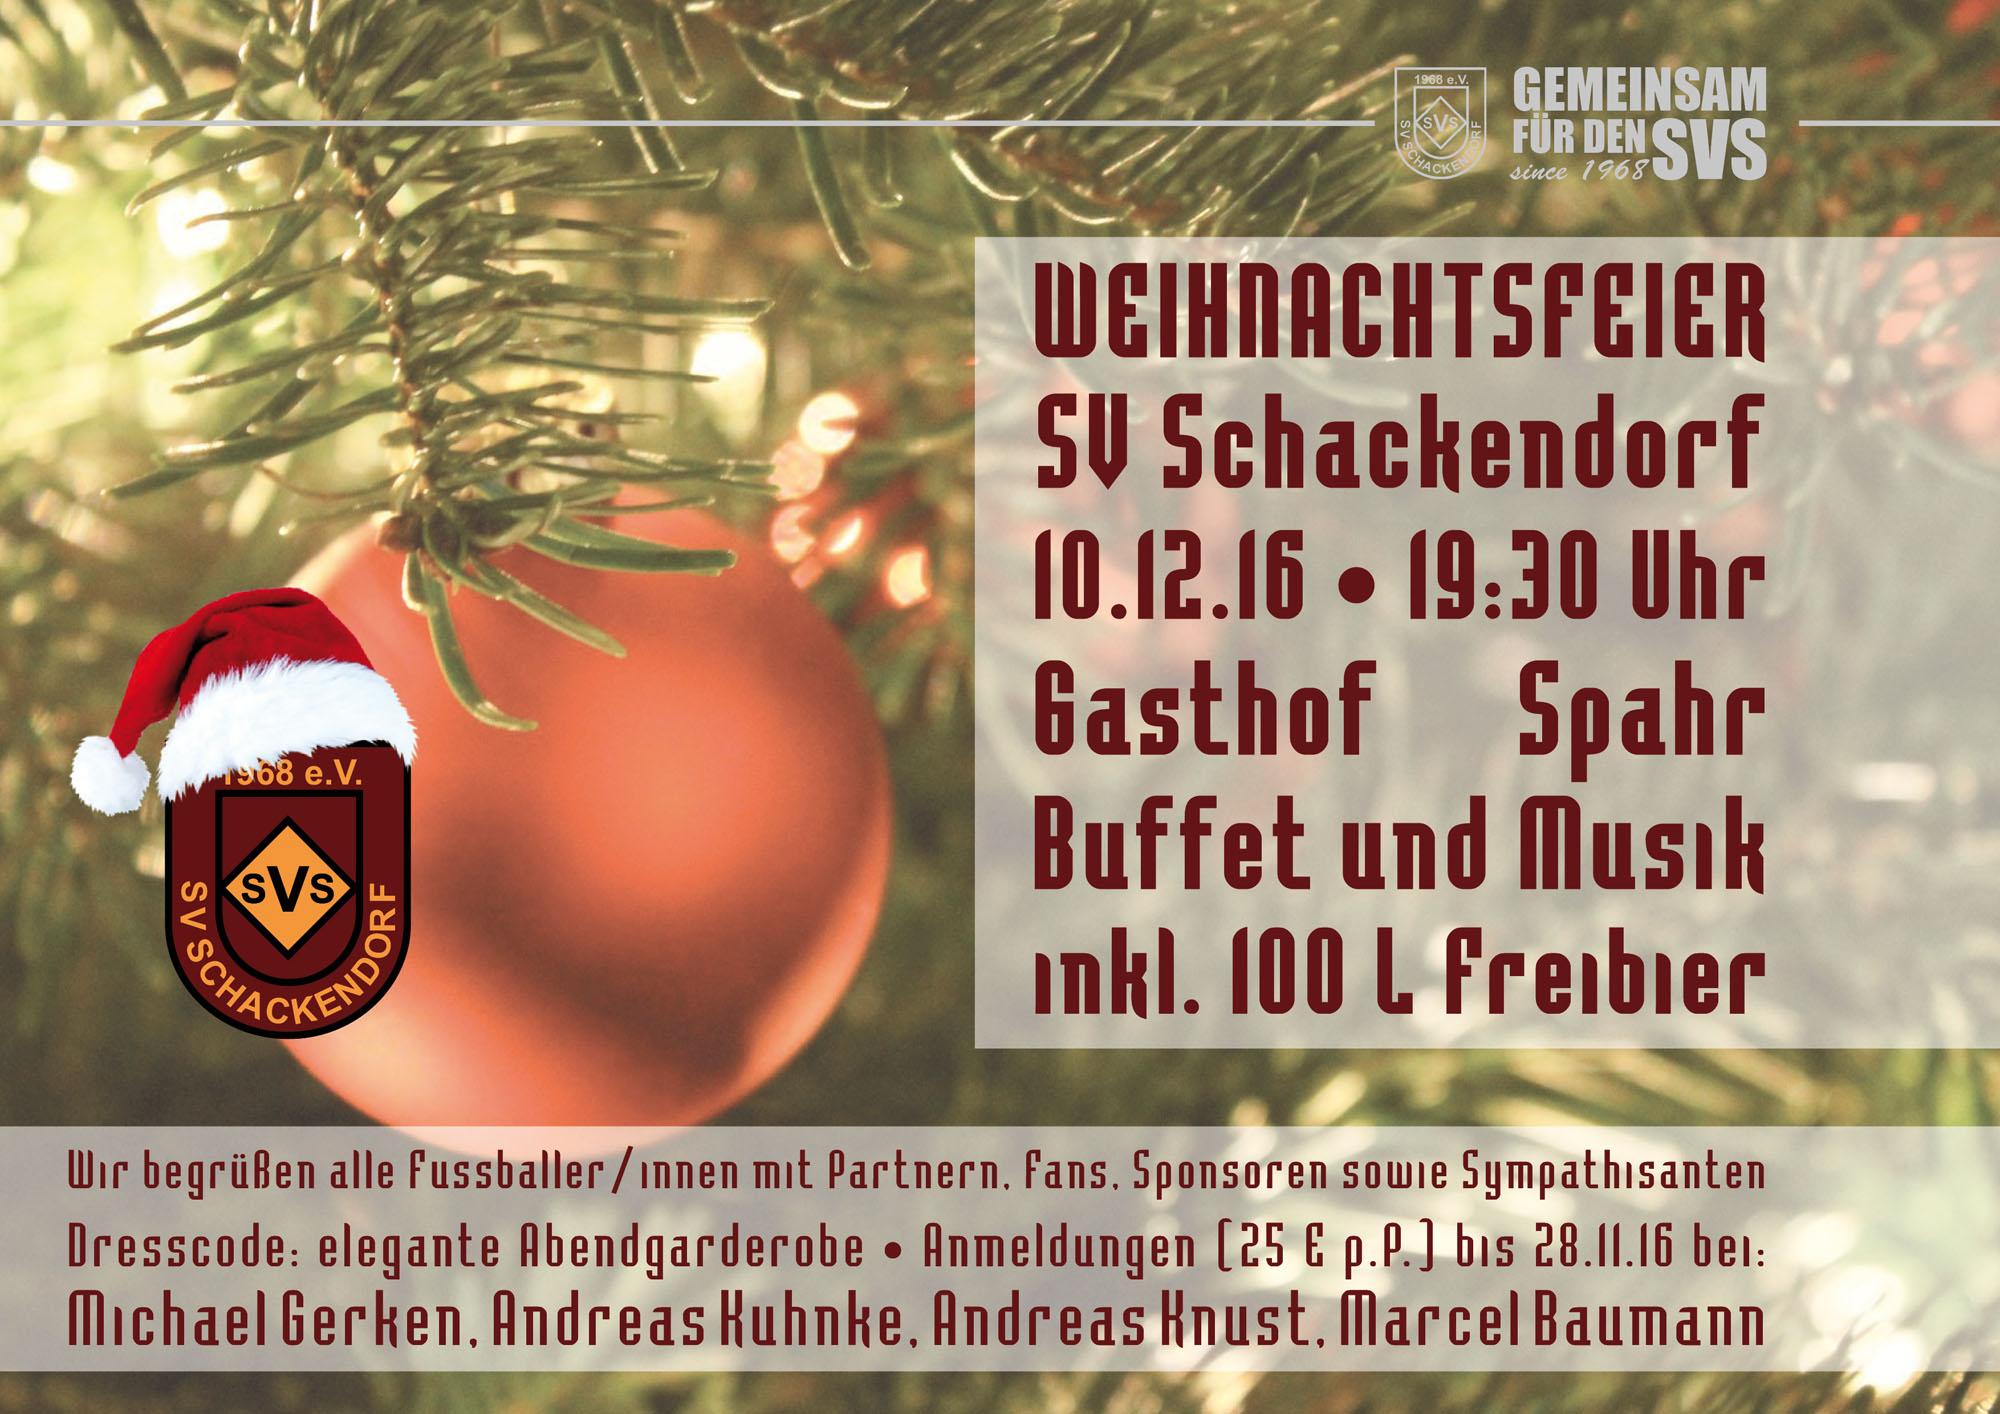 Weihnachtsfeier – SV Schackendorf e.V. von 1968